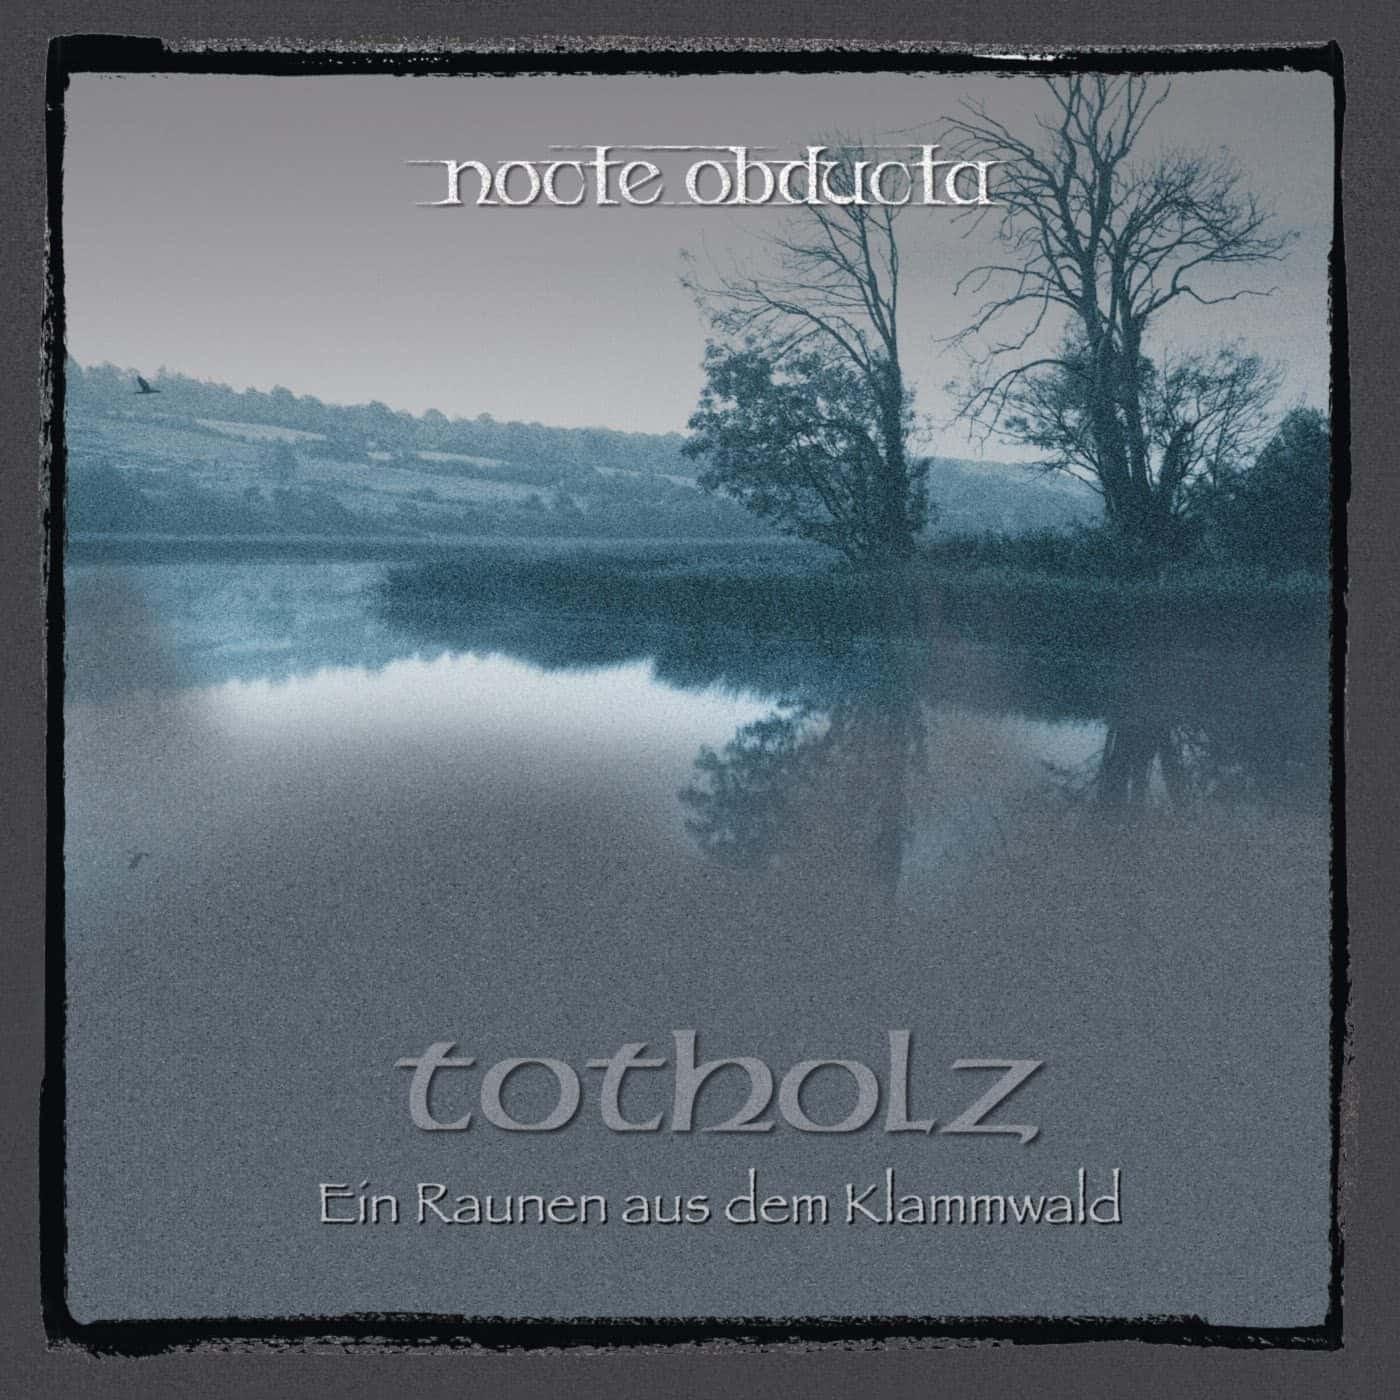 Reviews for Nocte Obducta - Totholz (Ein Raunen aus dem Klammwald)